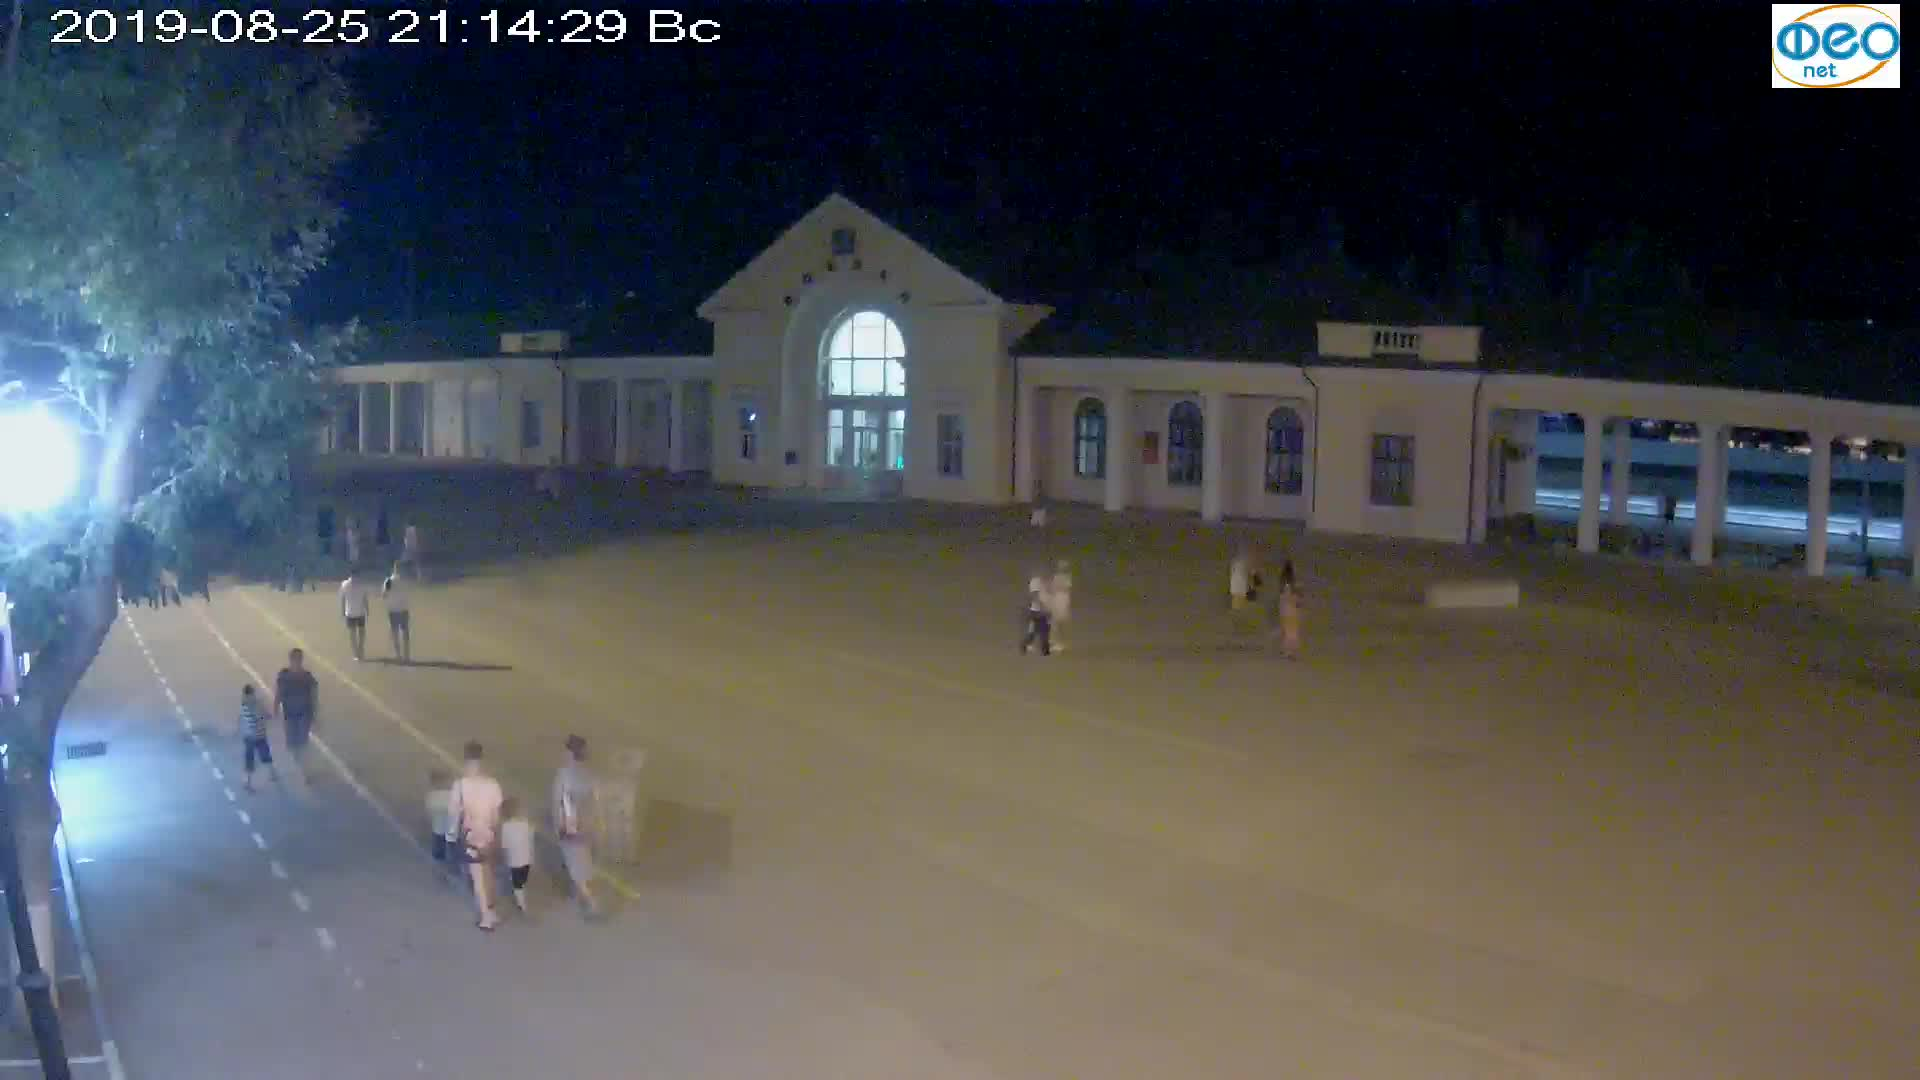 Веб-камеры Феодосии, Привокзальная площадь, 2019-08-25 21:30:05